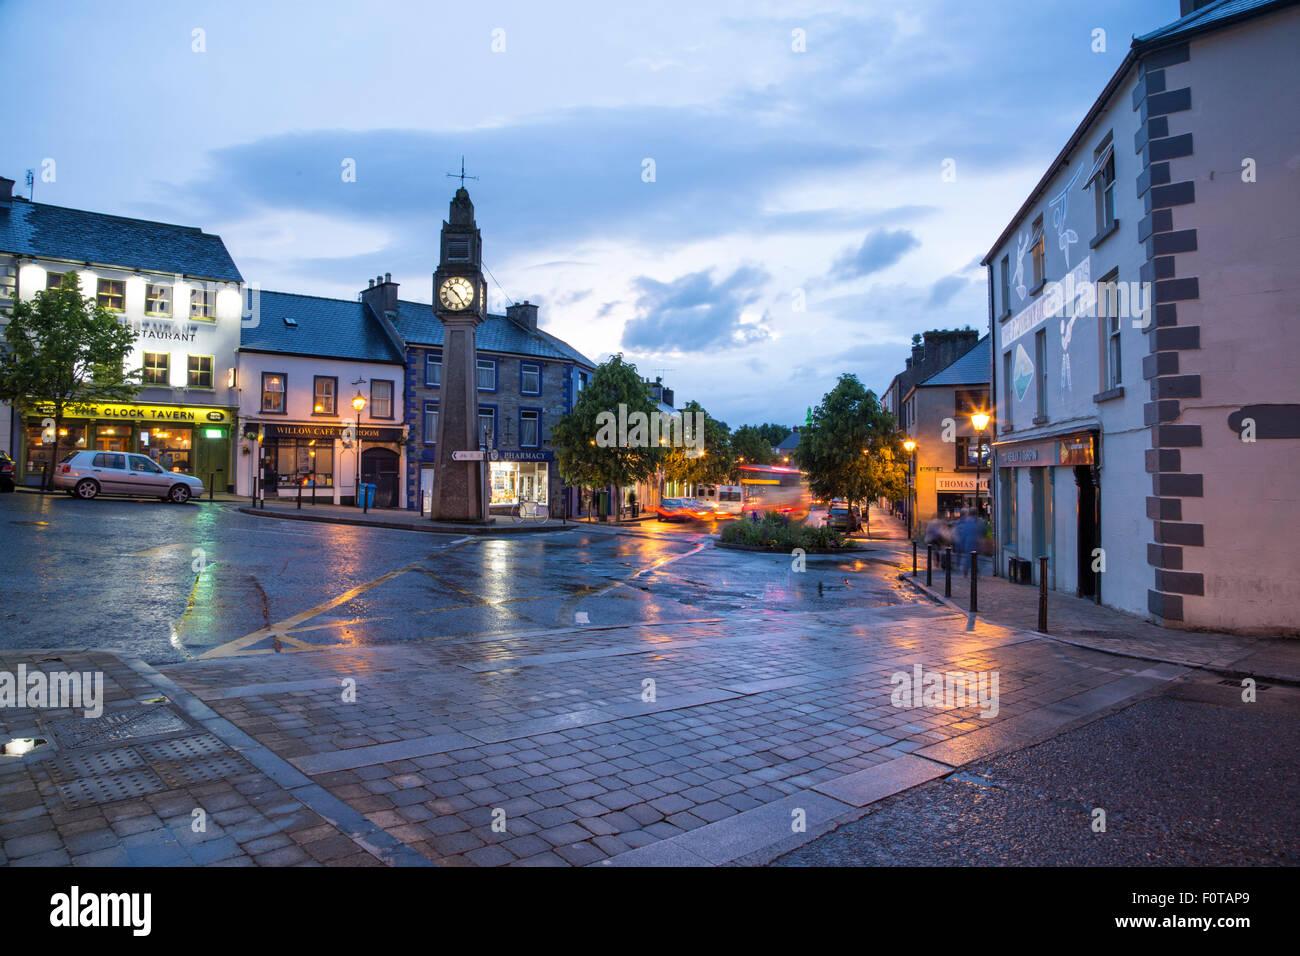 Westport, County Mayo, Ireland. - Stock Image